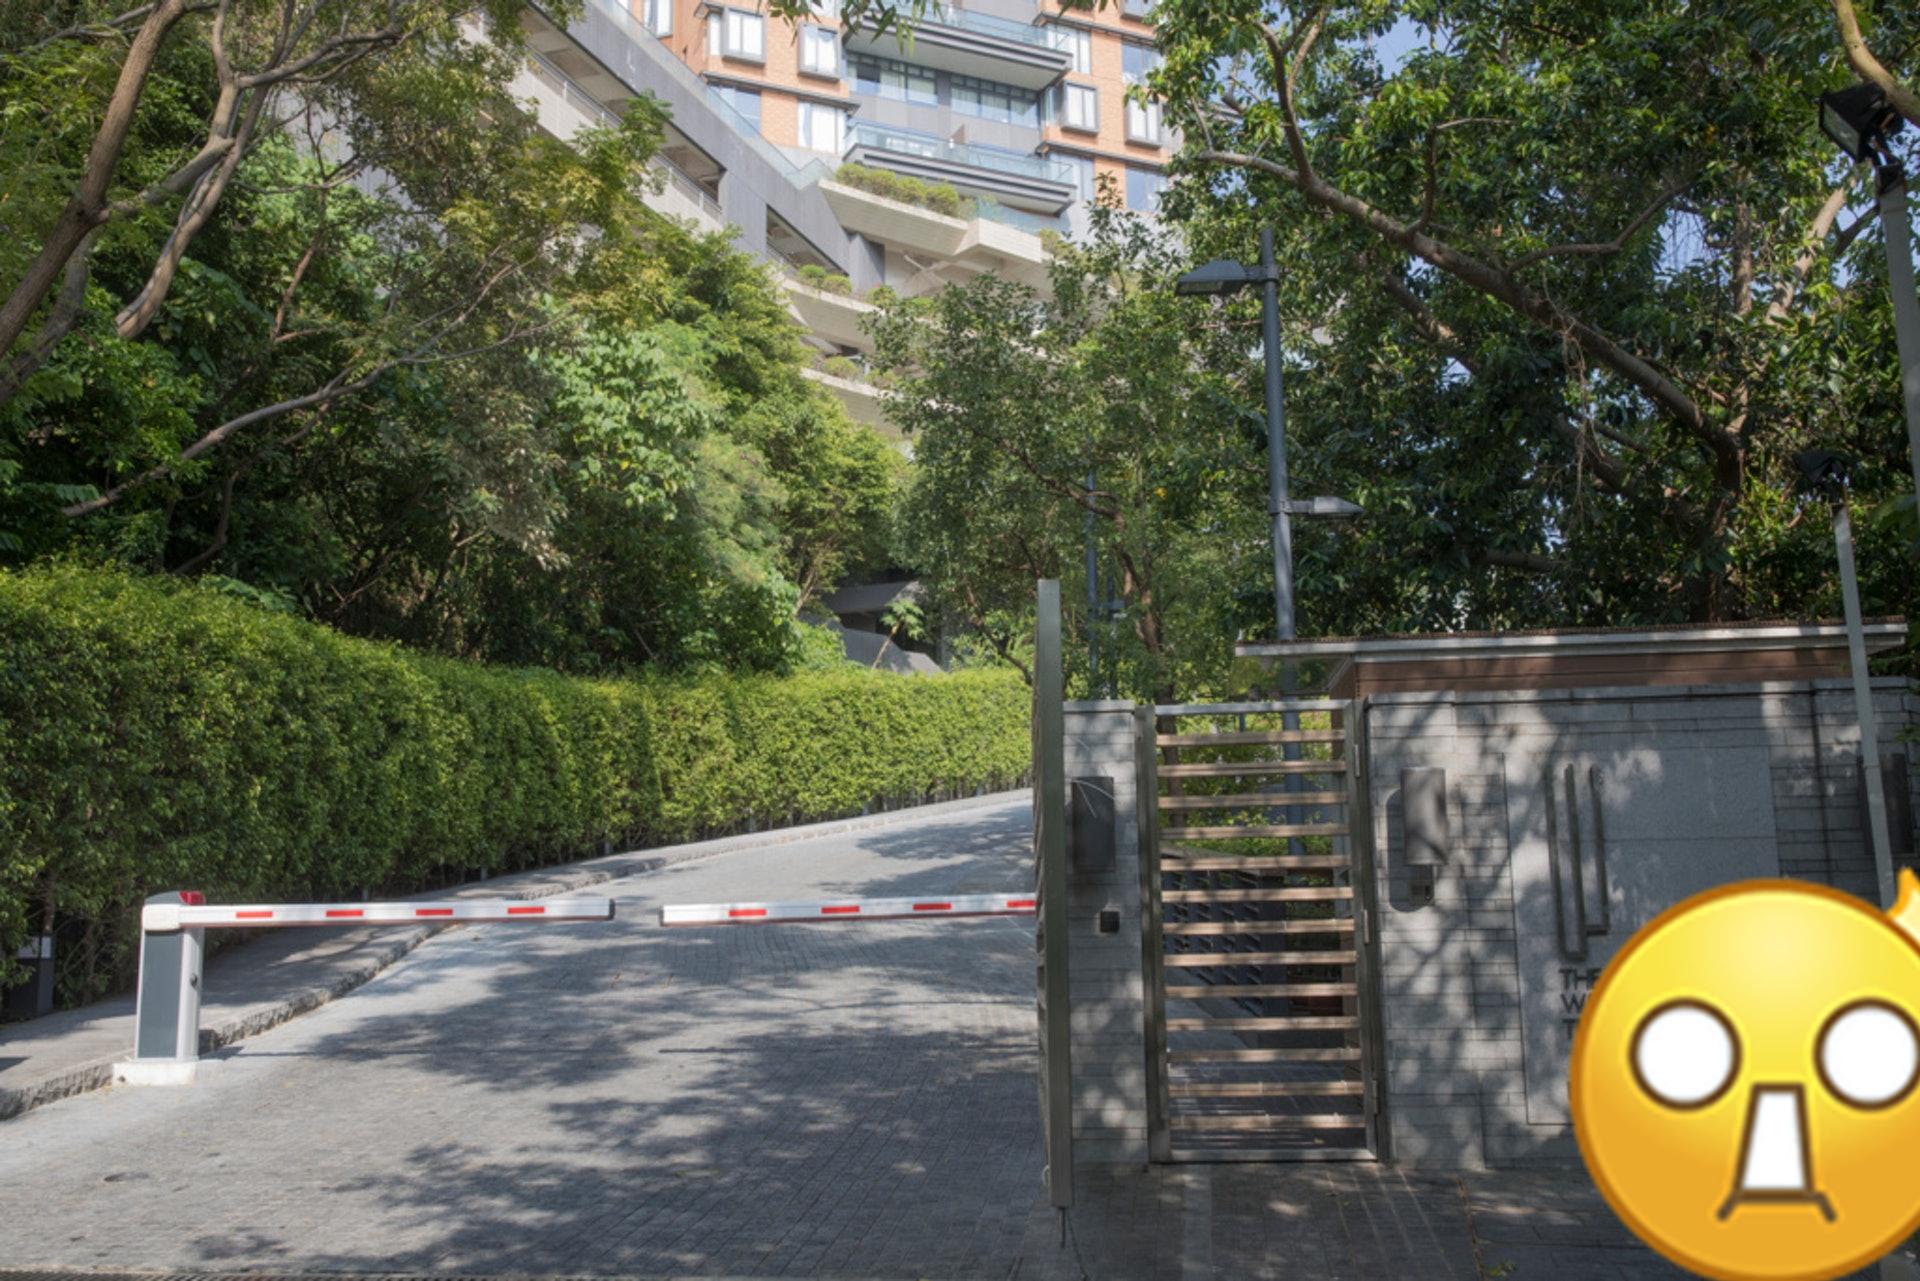 持香港身份证的赵薇夫妇位于荃湾逾亿元豪宅离奇转名,近年急卖楼